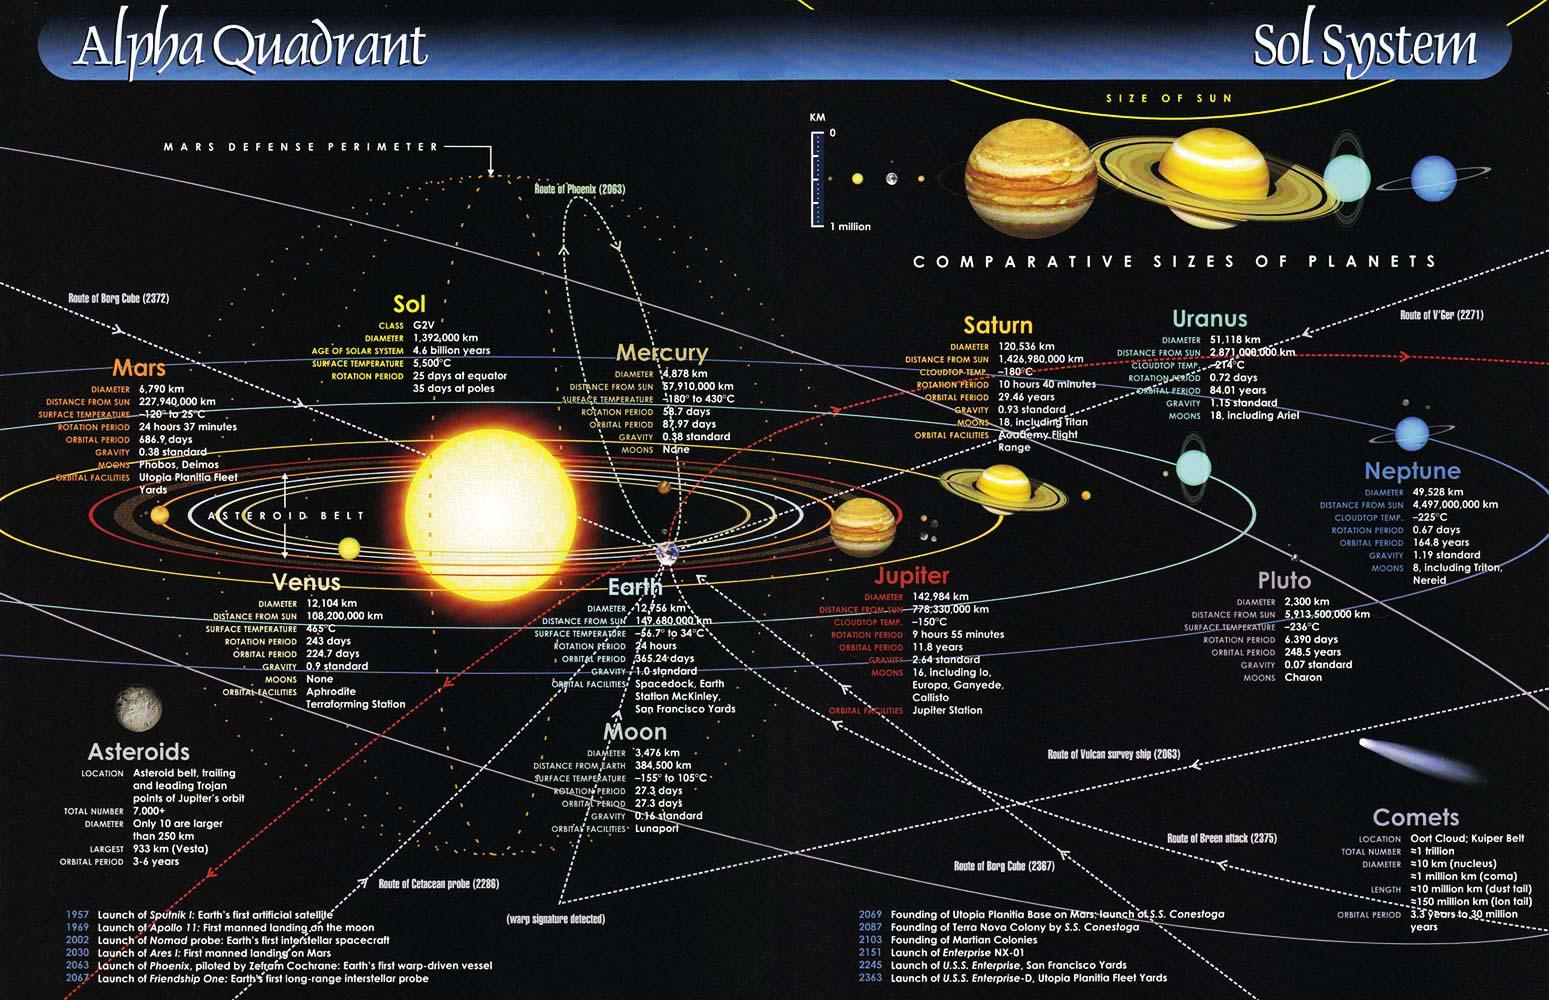 Star trek the enterprise incident online dating 4